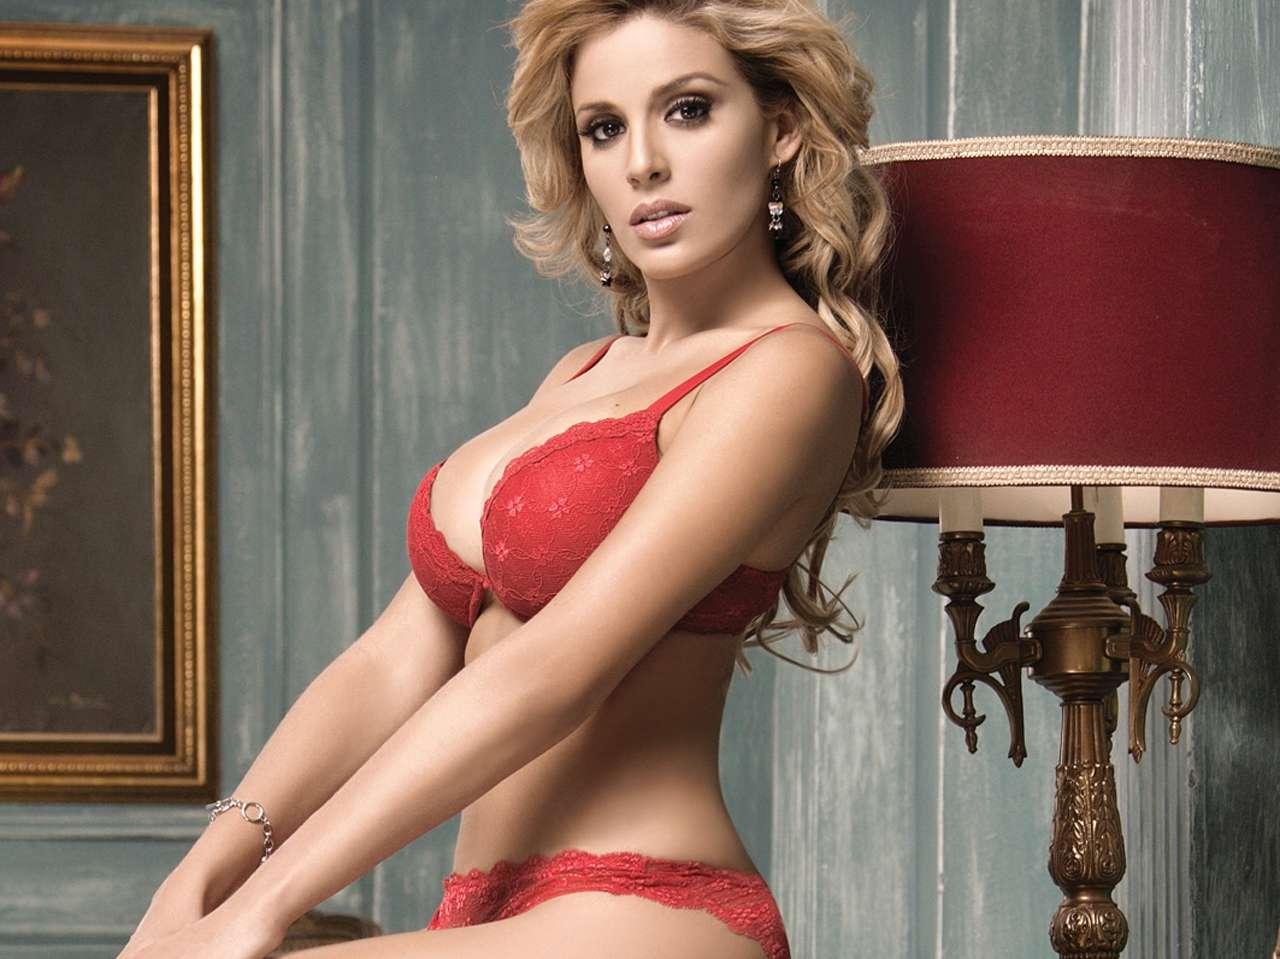 Top: Las conductoras más bellas de la televisión mexicana - Malillany Marín. Foto: Revista H para Hombres